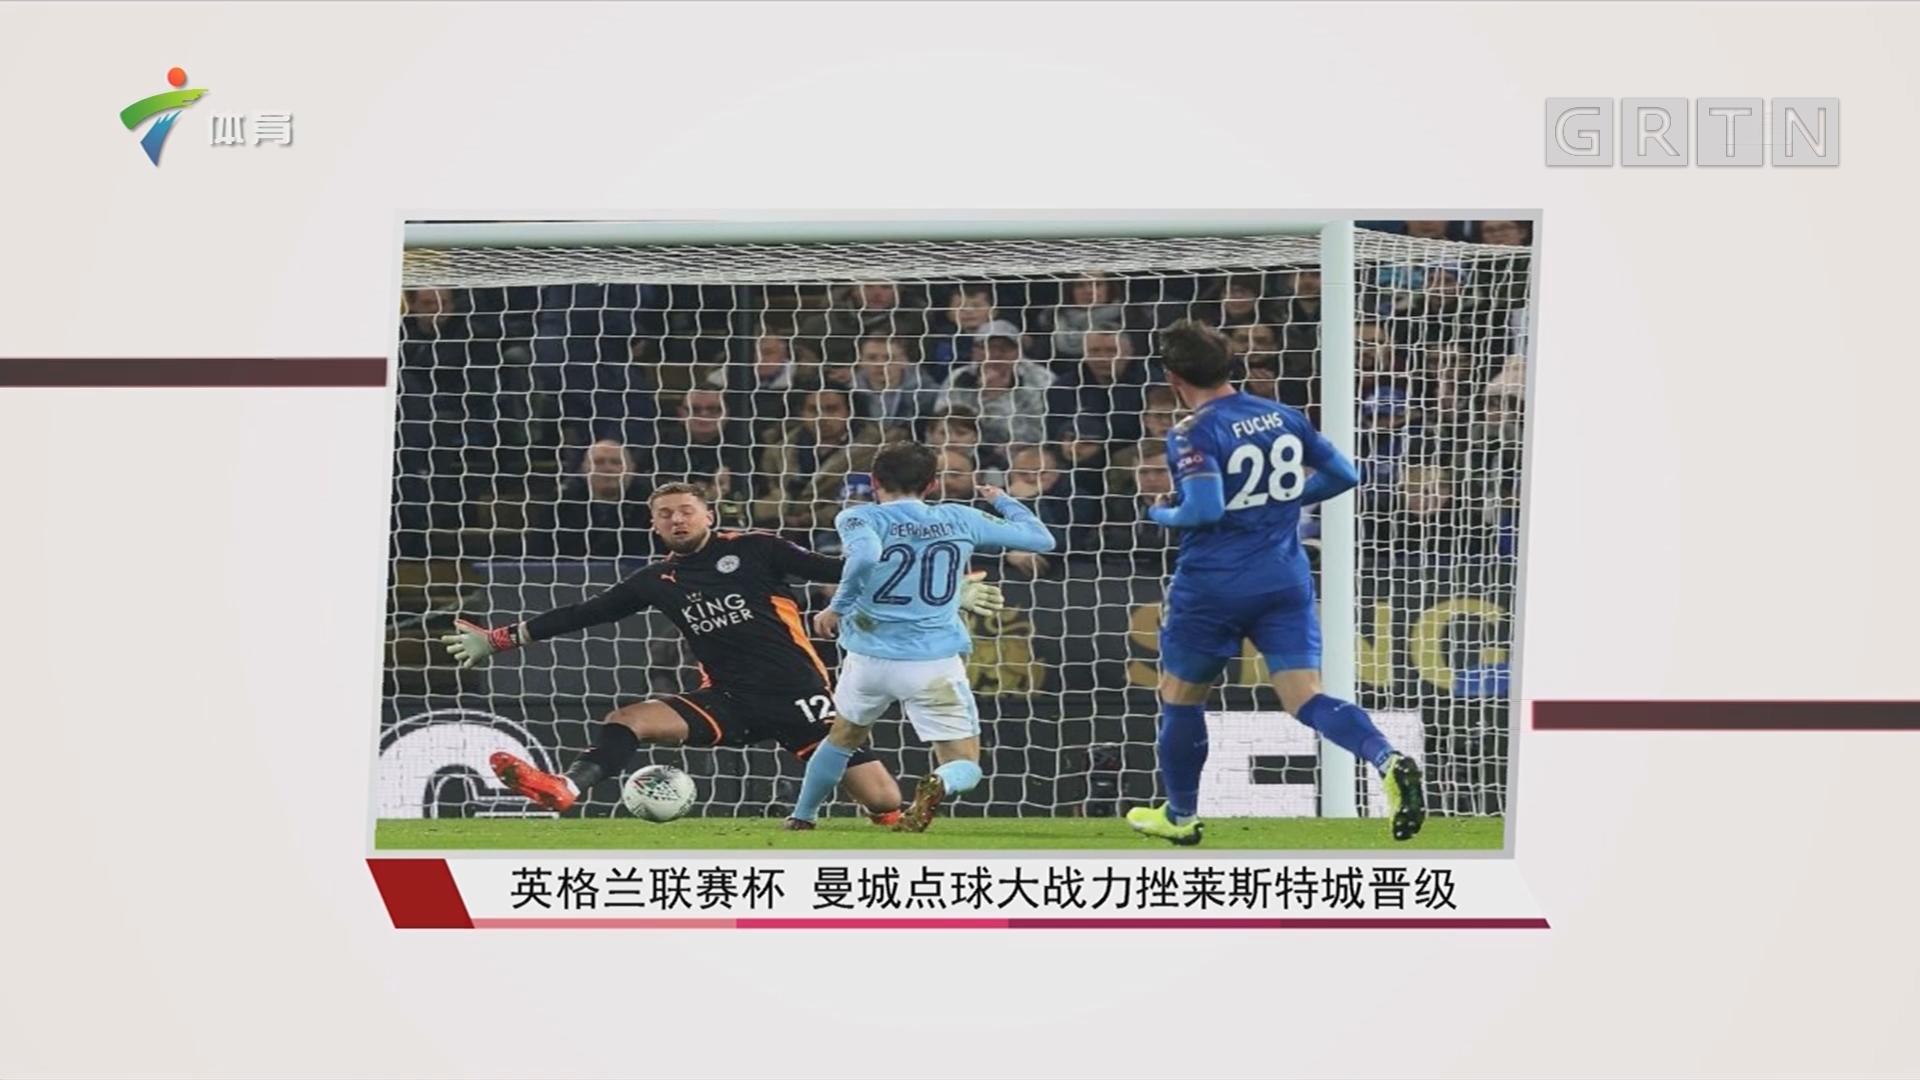 英格兰联赛杯 曼城点球大战力挫莱斯特城晋级